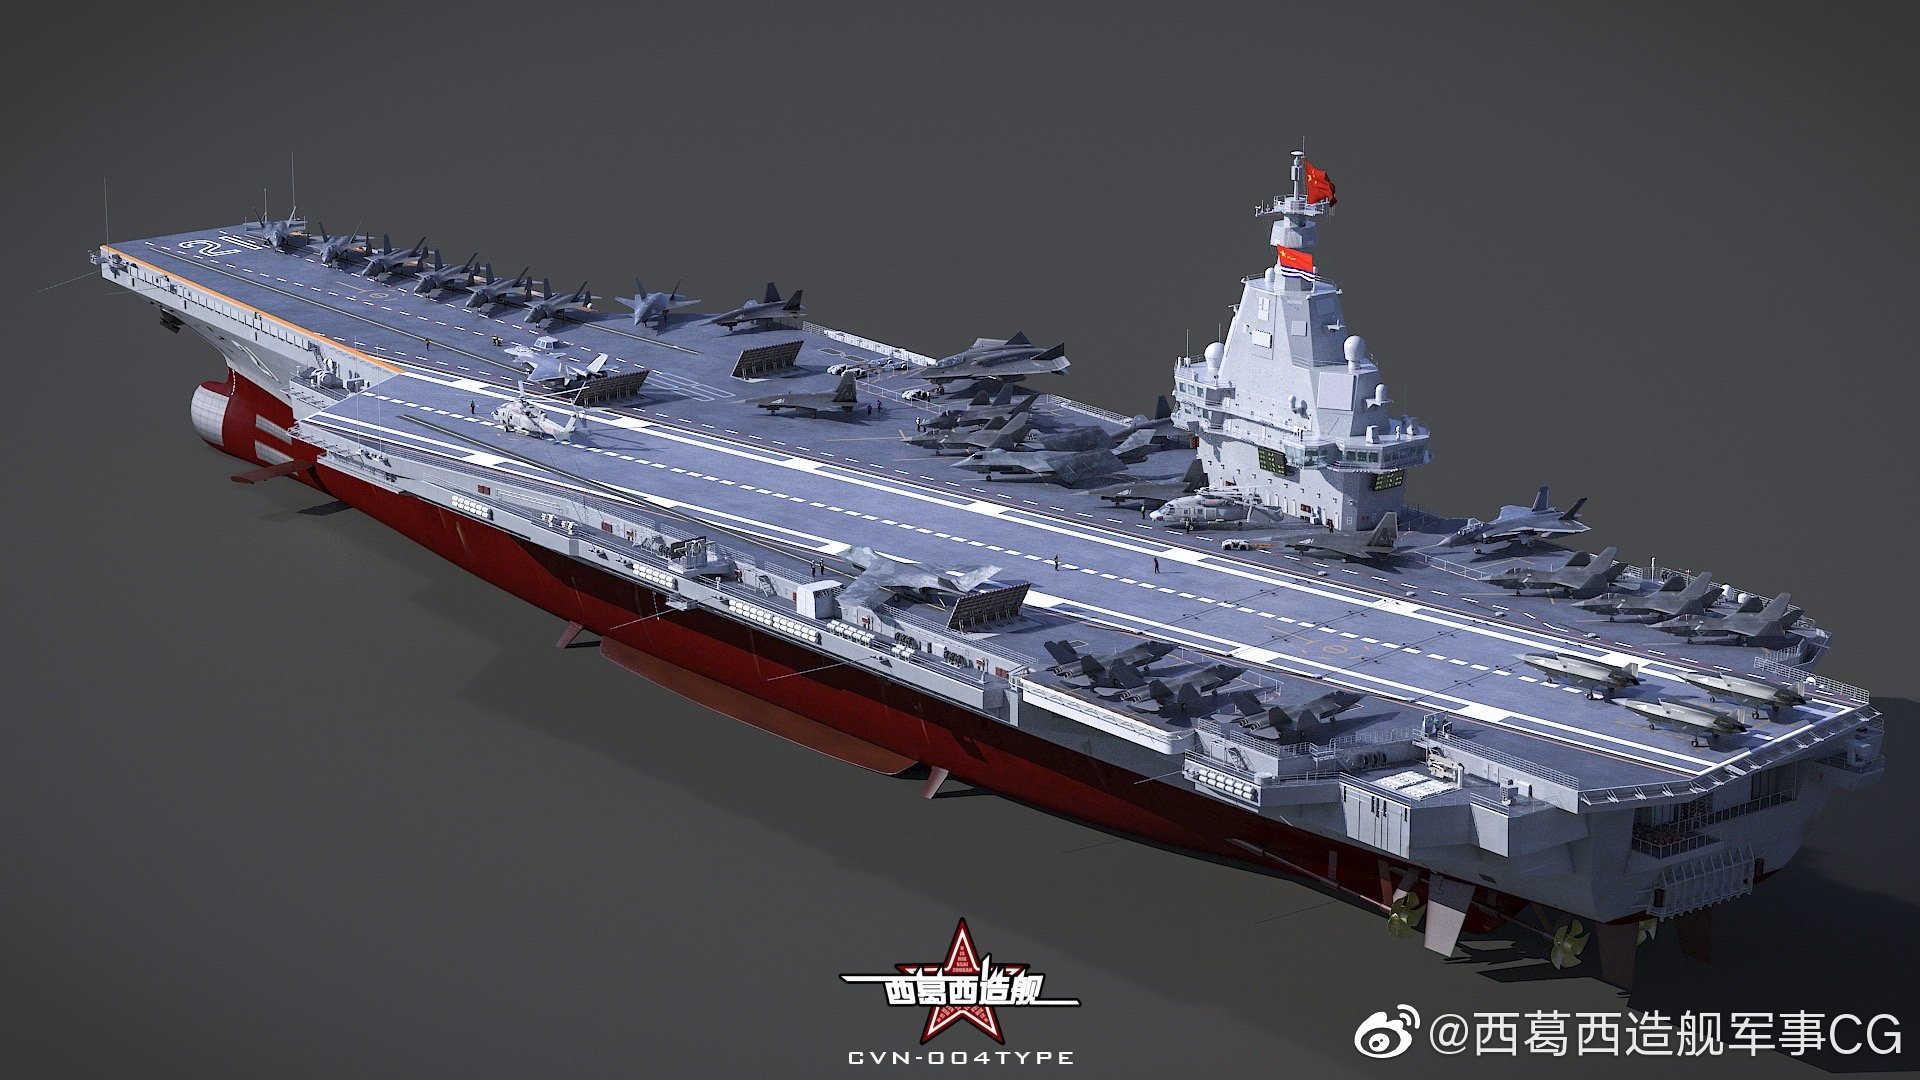 西葛西造舰军事:国产004型航母CVN21